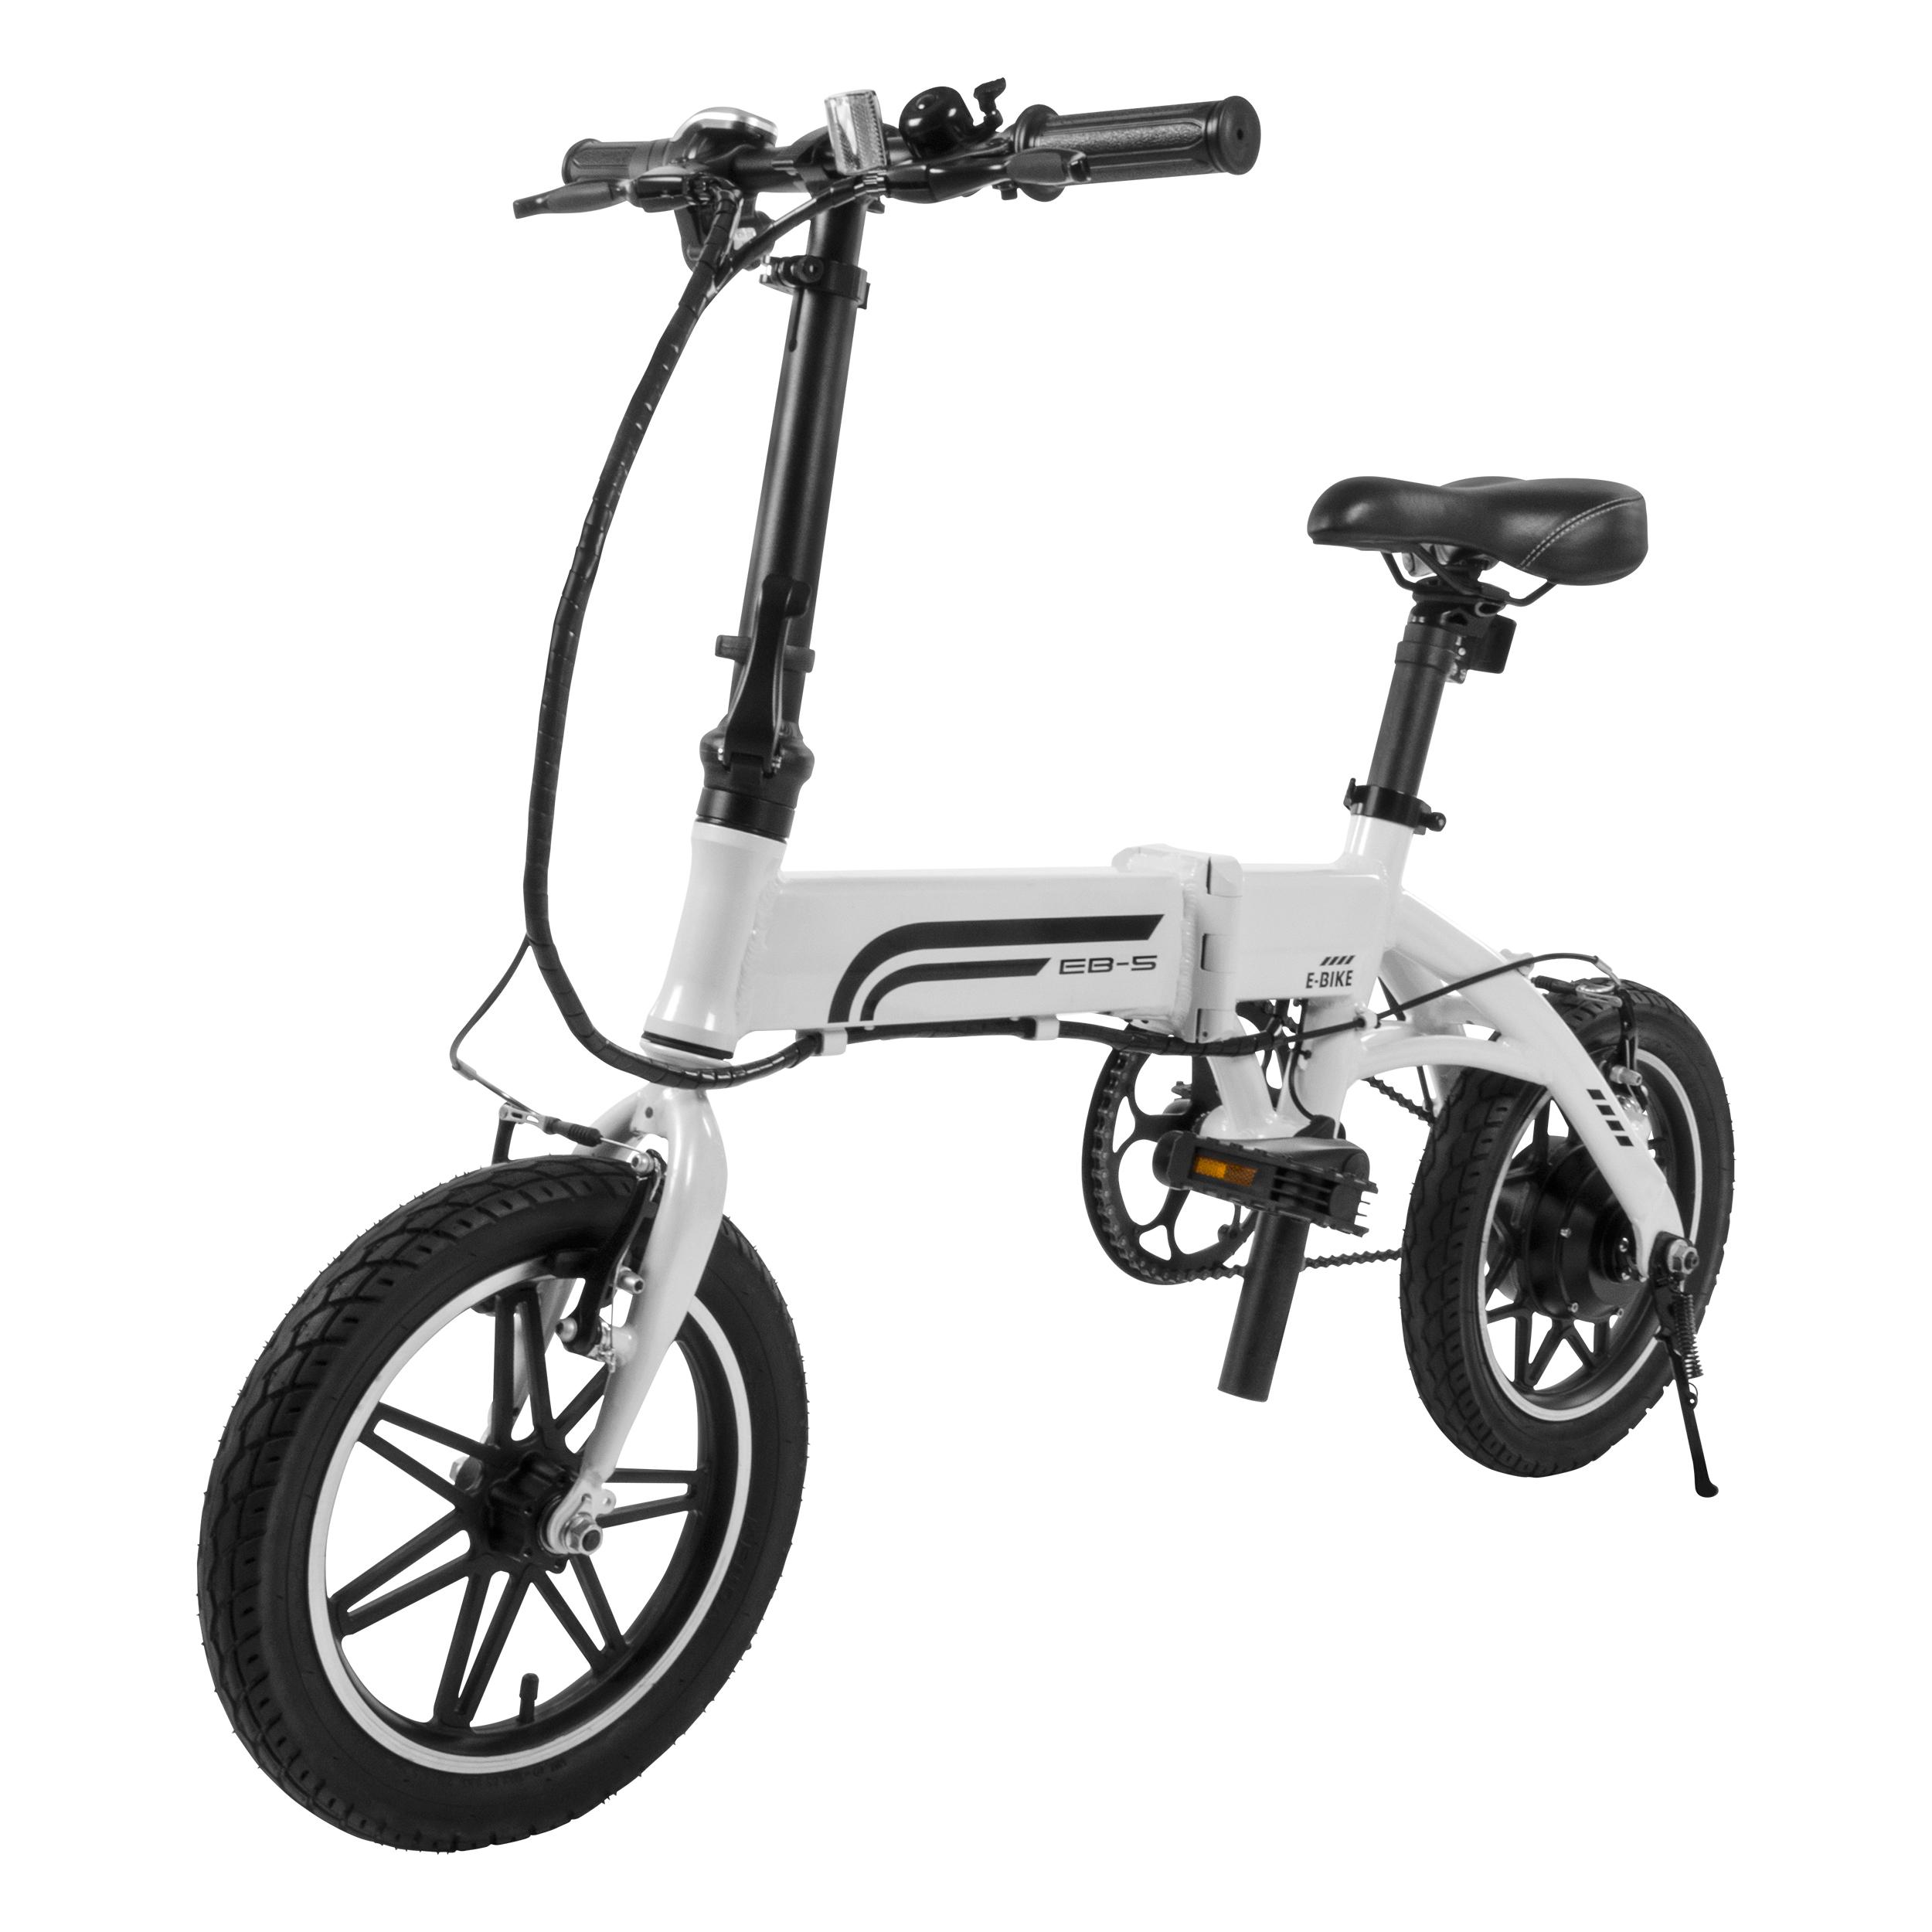 The EB-5 is a folding e-bike.